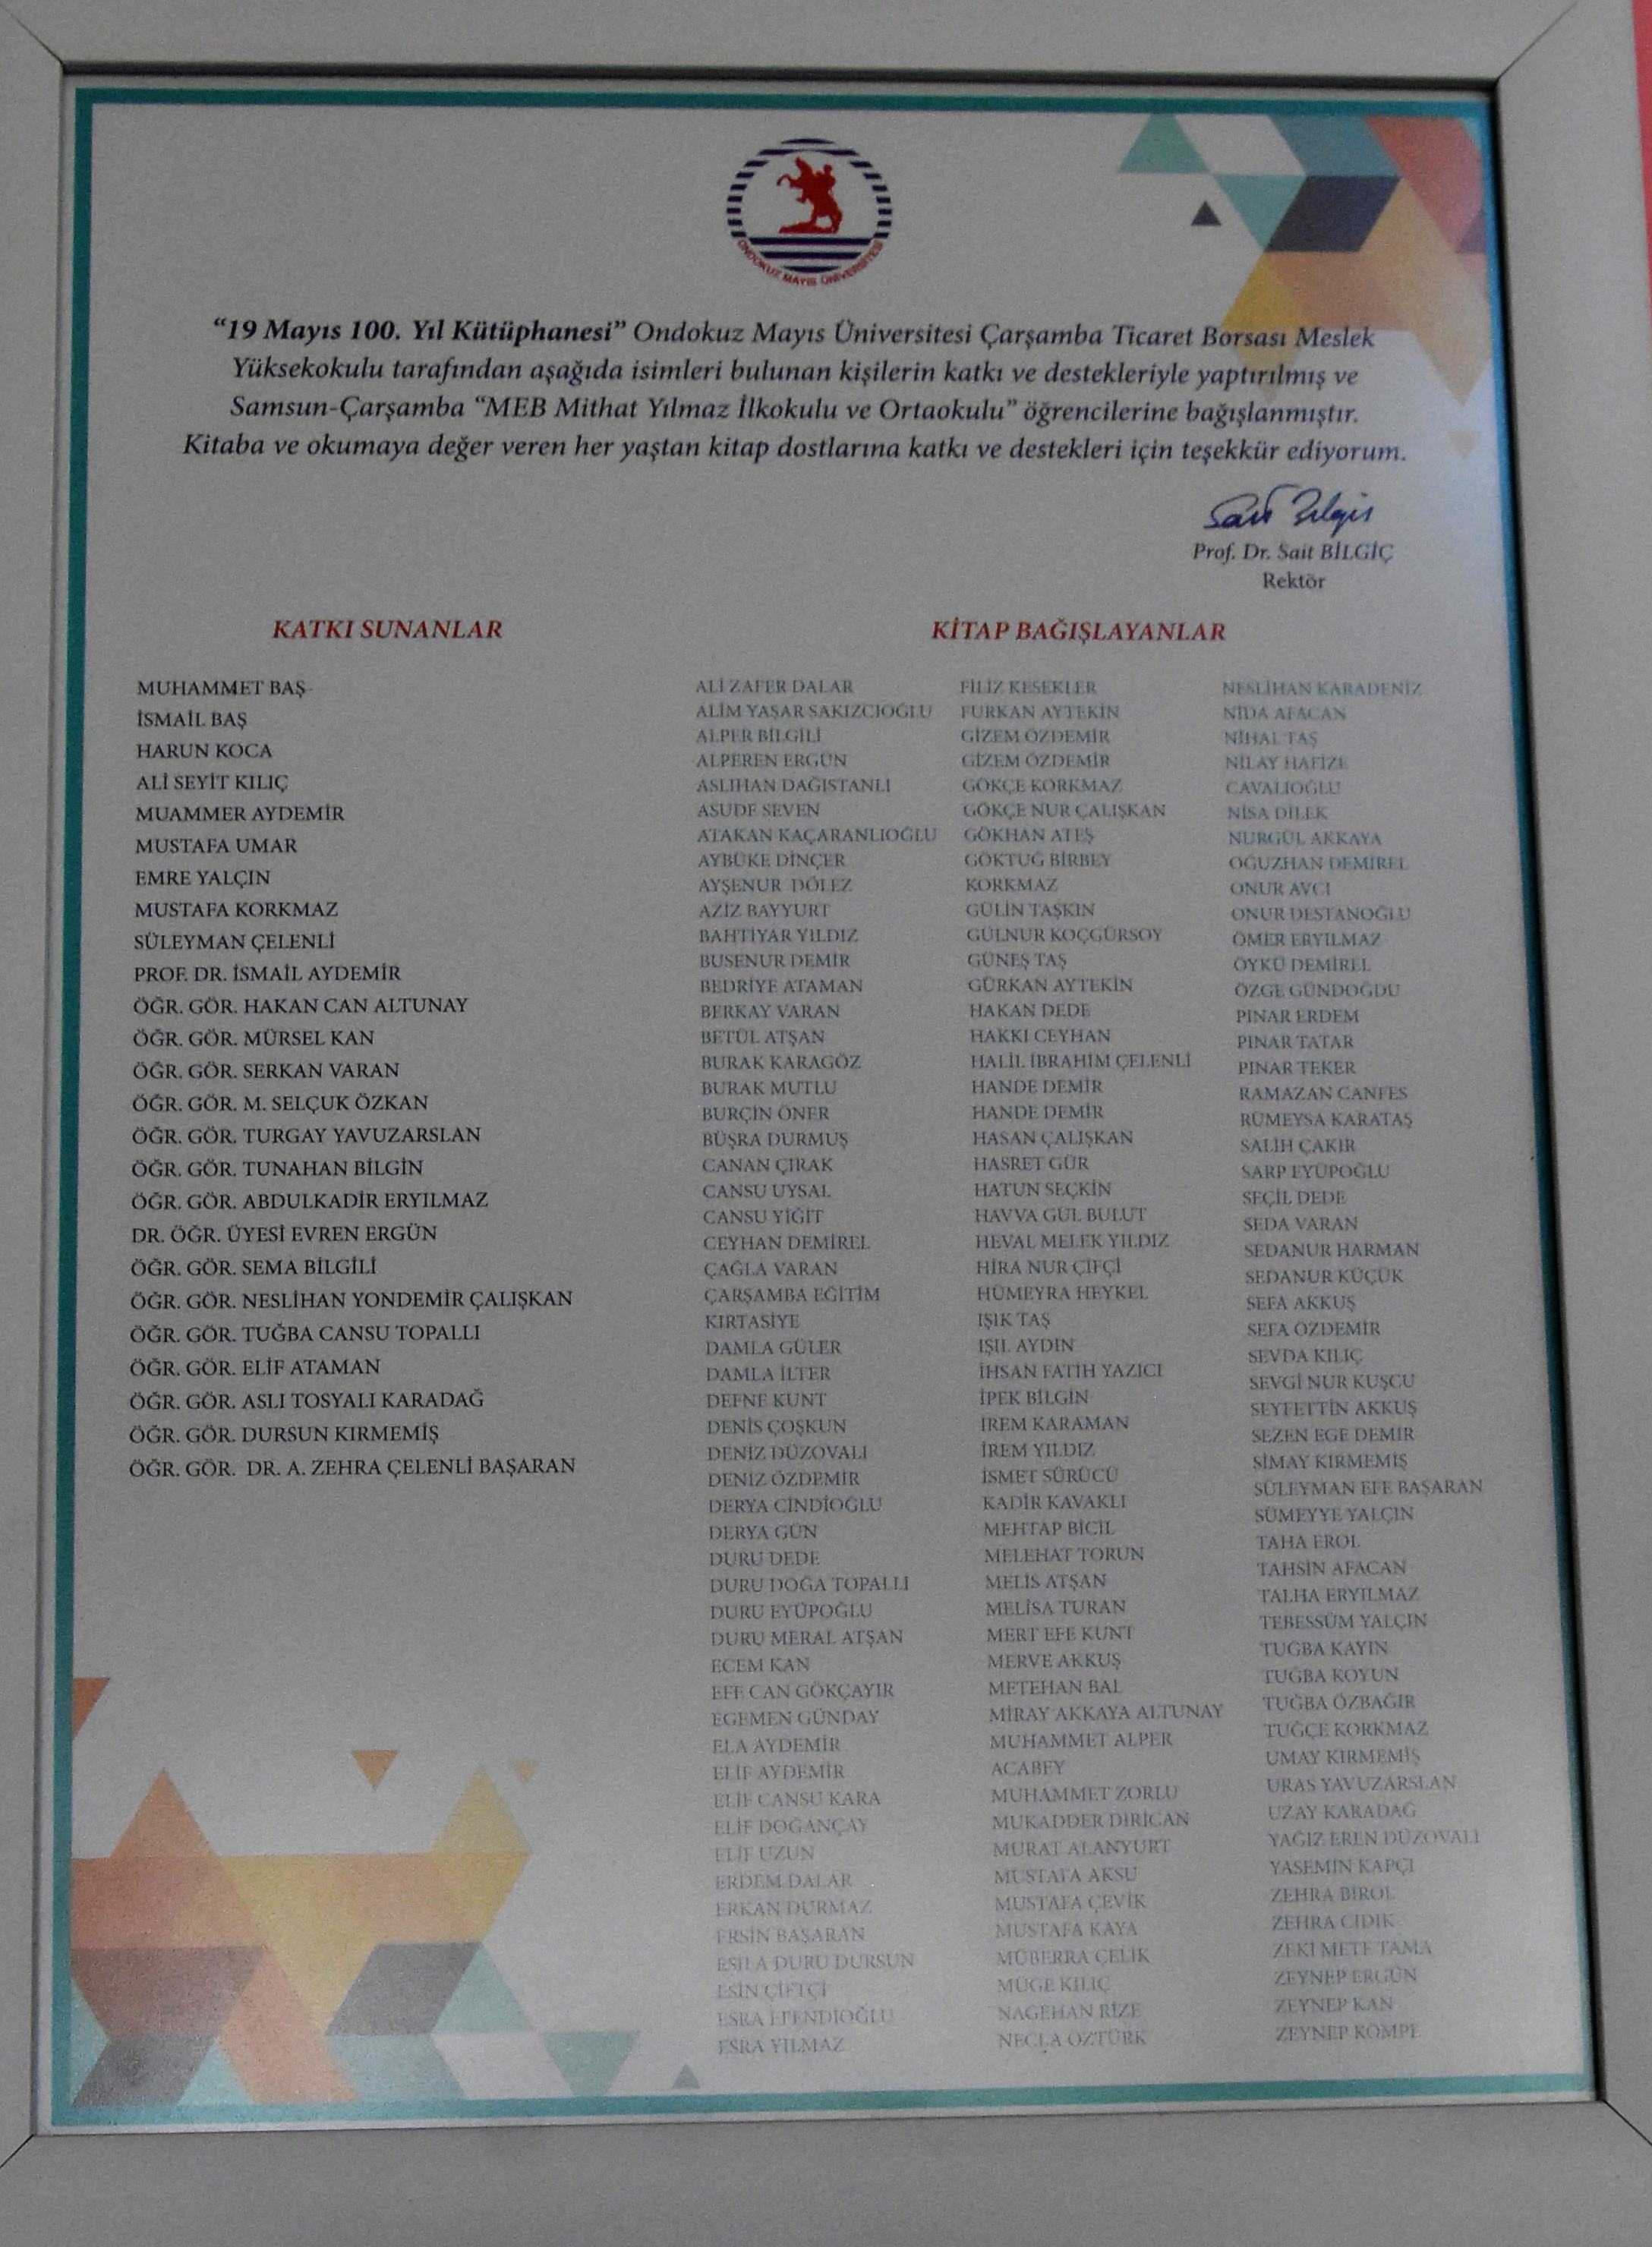 http://www.omu.edu.tr/sites/default/files/files/carsamba_myodan_gelecek_nesillere_anlamli_bagis/dsc_6745.jpg